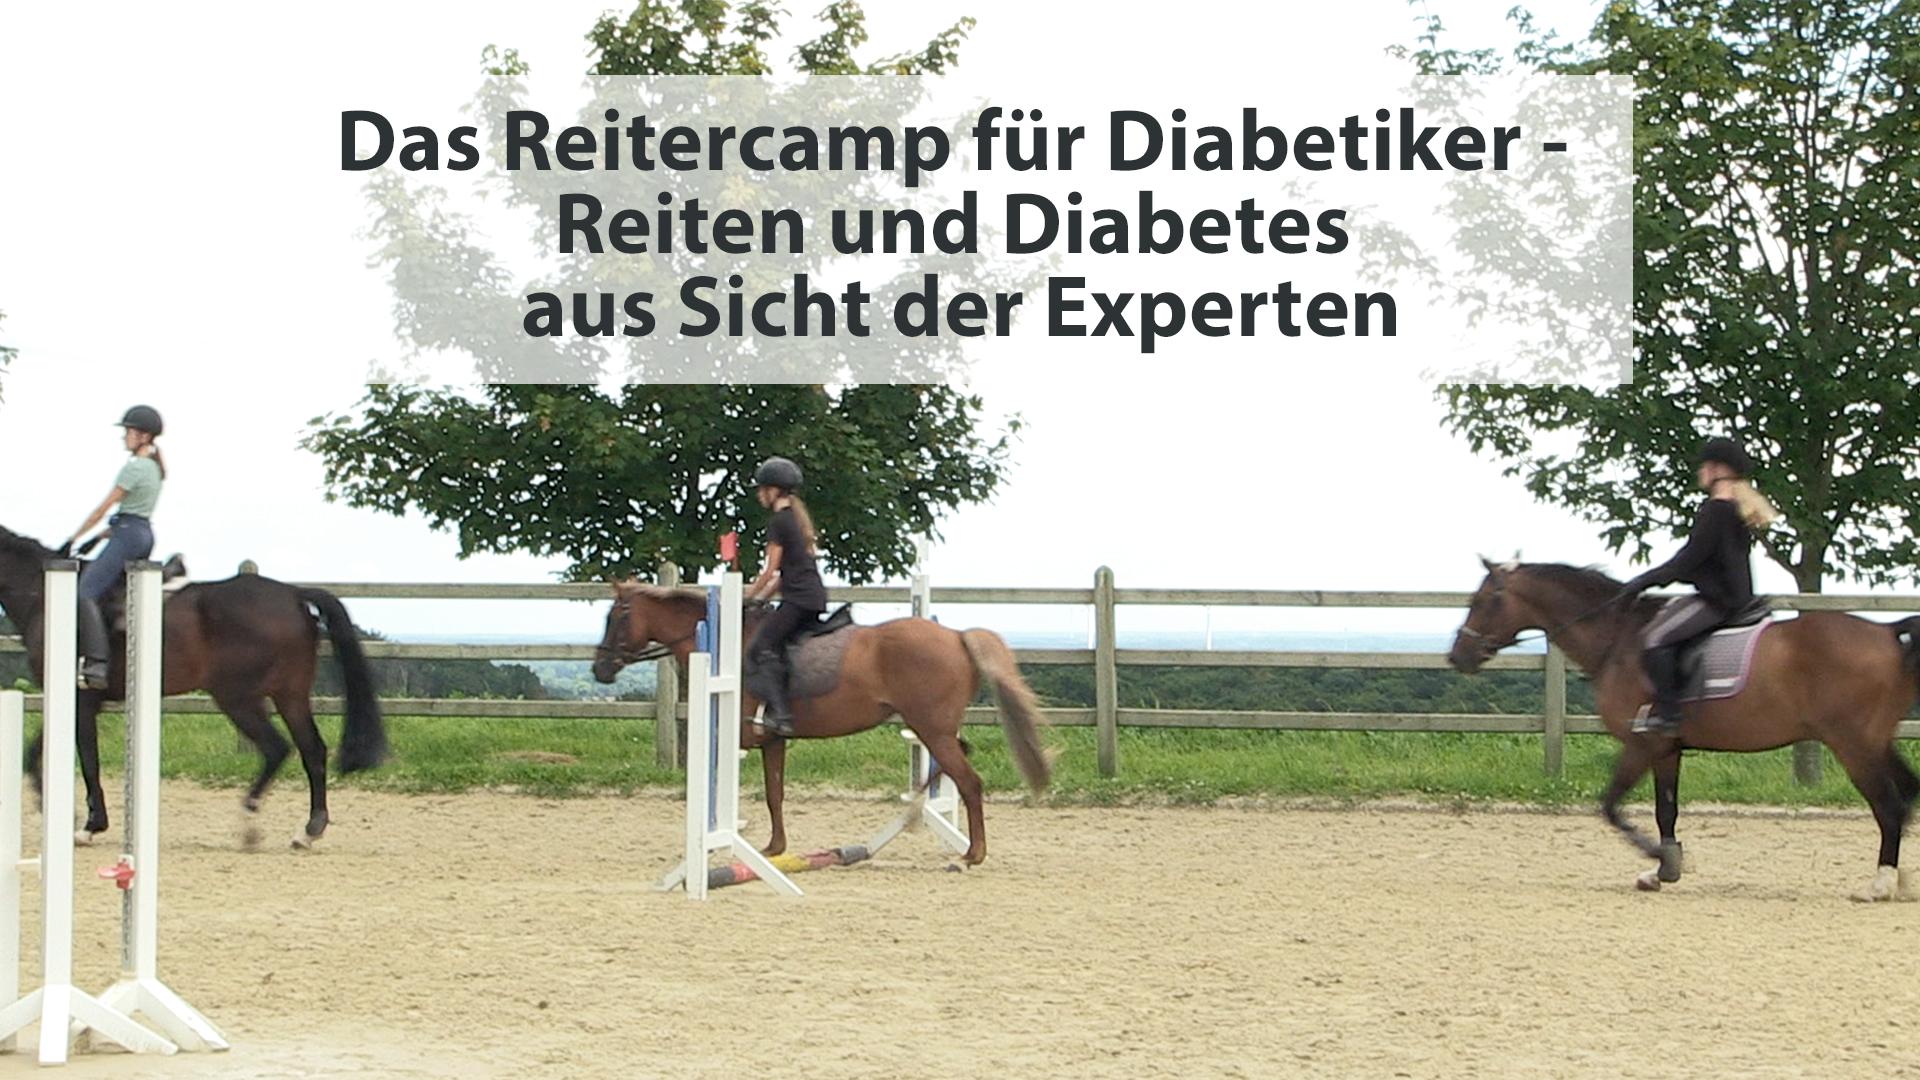 Das Reitercamp für Diabetiker – Reiten und Diabetes aus Sicht der Experten